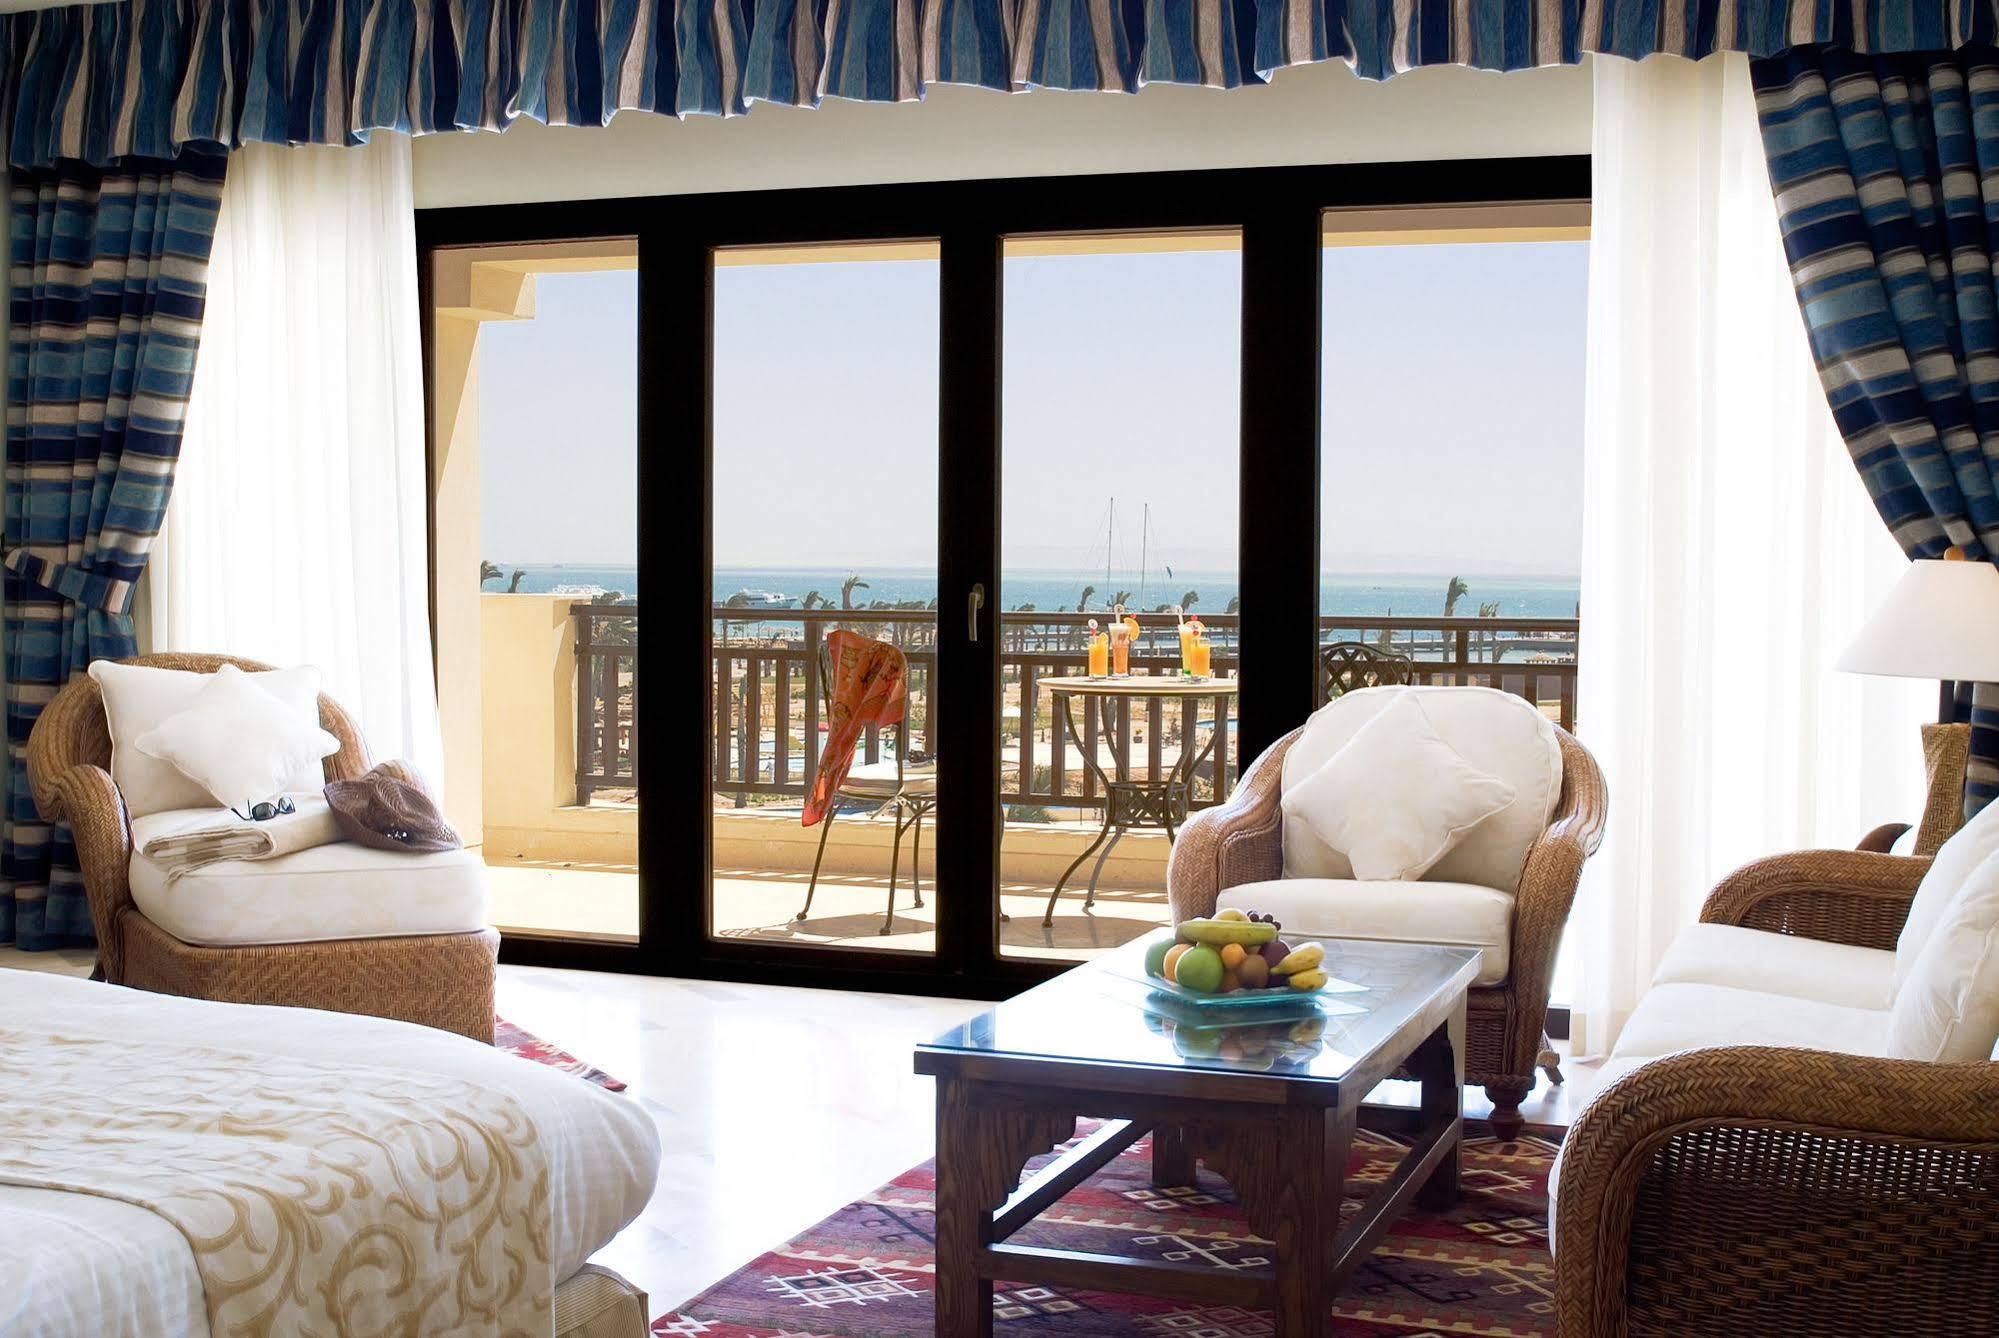 Steigenberger Aldau Beach Hotel, Hurghada Image 0